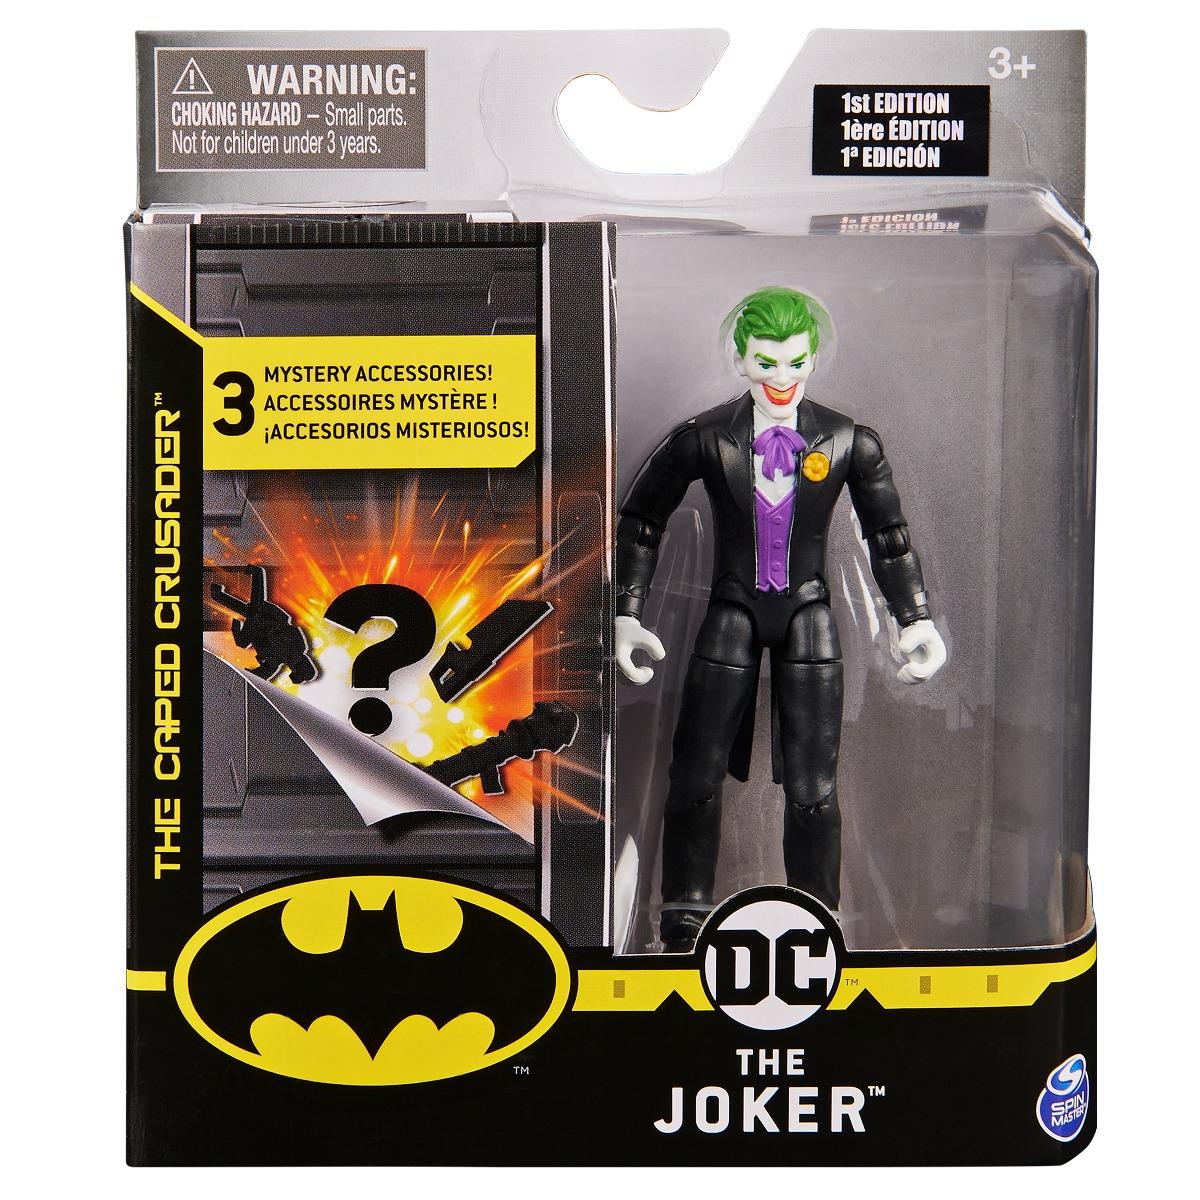 Set Figurina cu accesorii surpriza Batman, The Joker 20124527